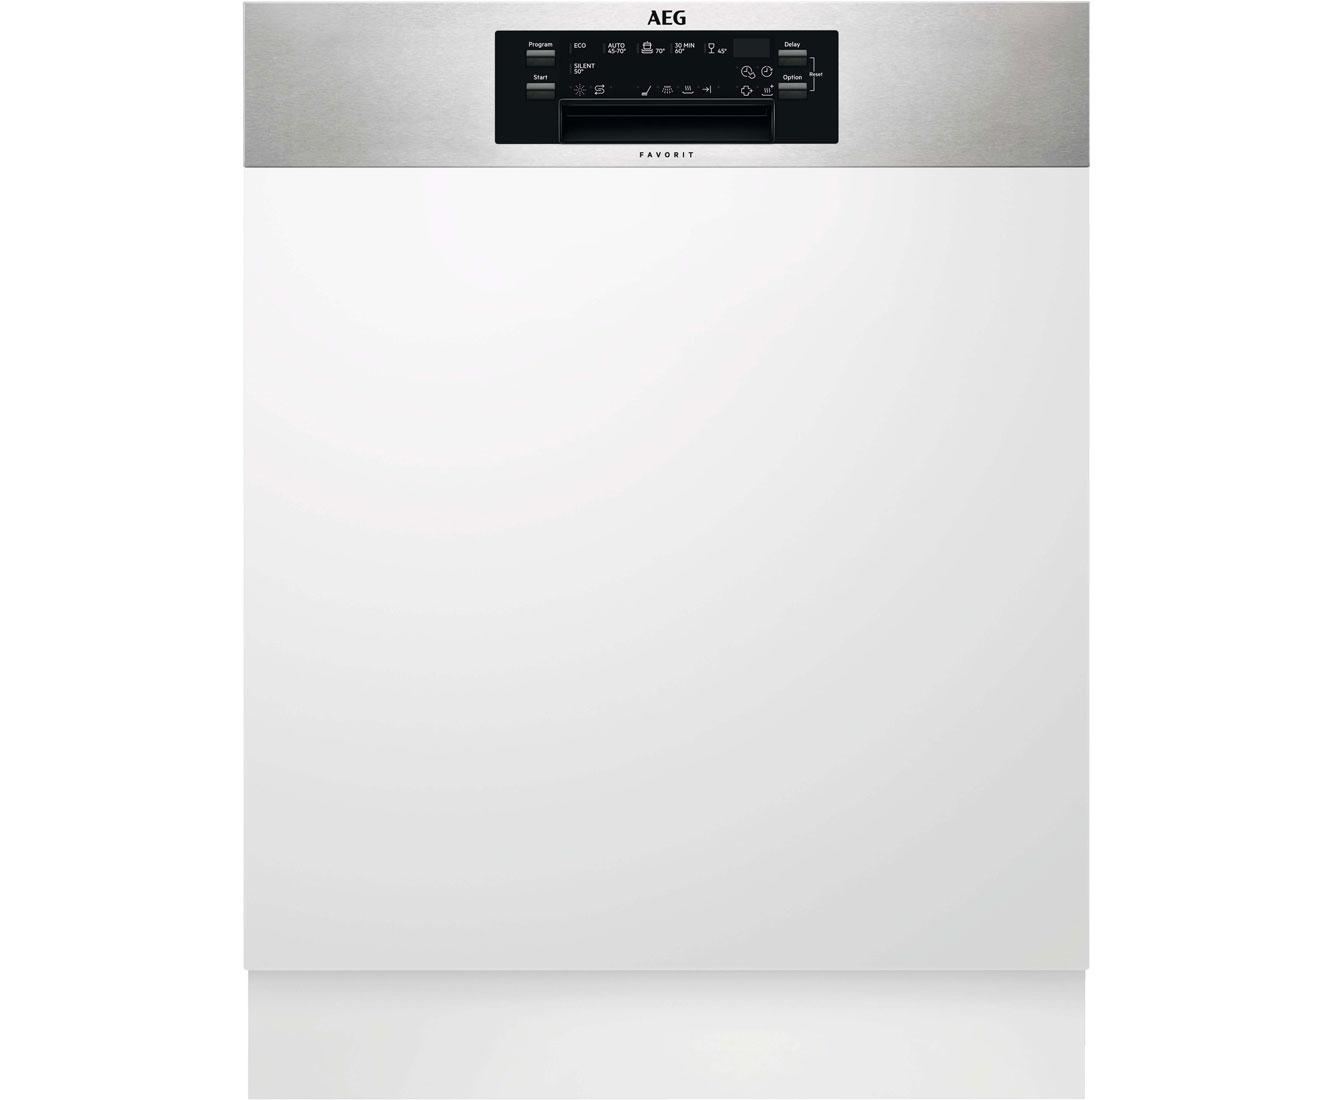 AEG FEE63720PM Geschirrspüler 60 cm - Edelstahl   Küche und Esszimmer > Küchenelektrogeräte > Gefrierschränke   Edelstahl   AEG